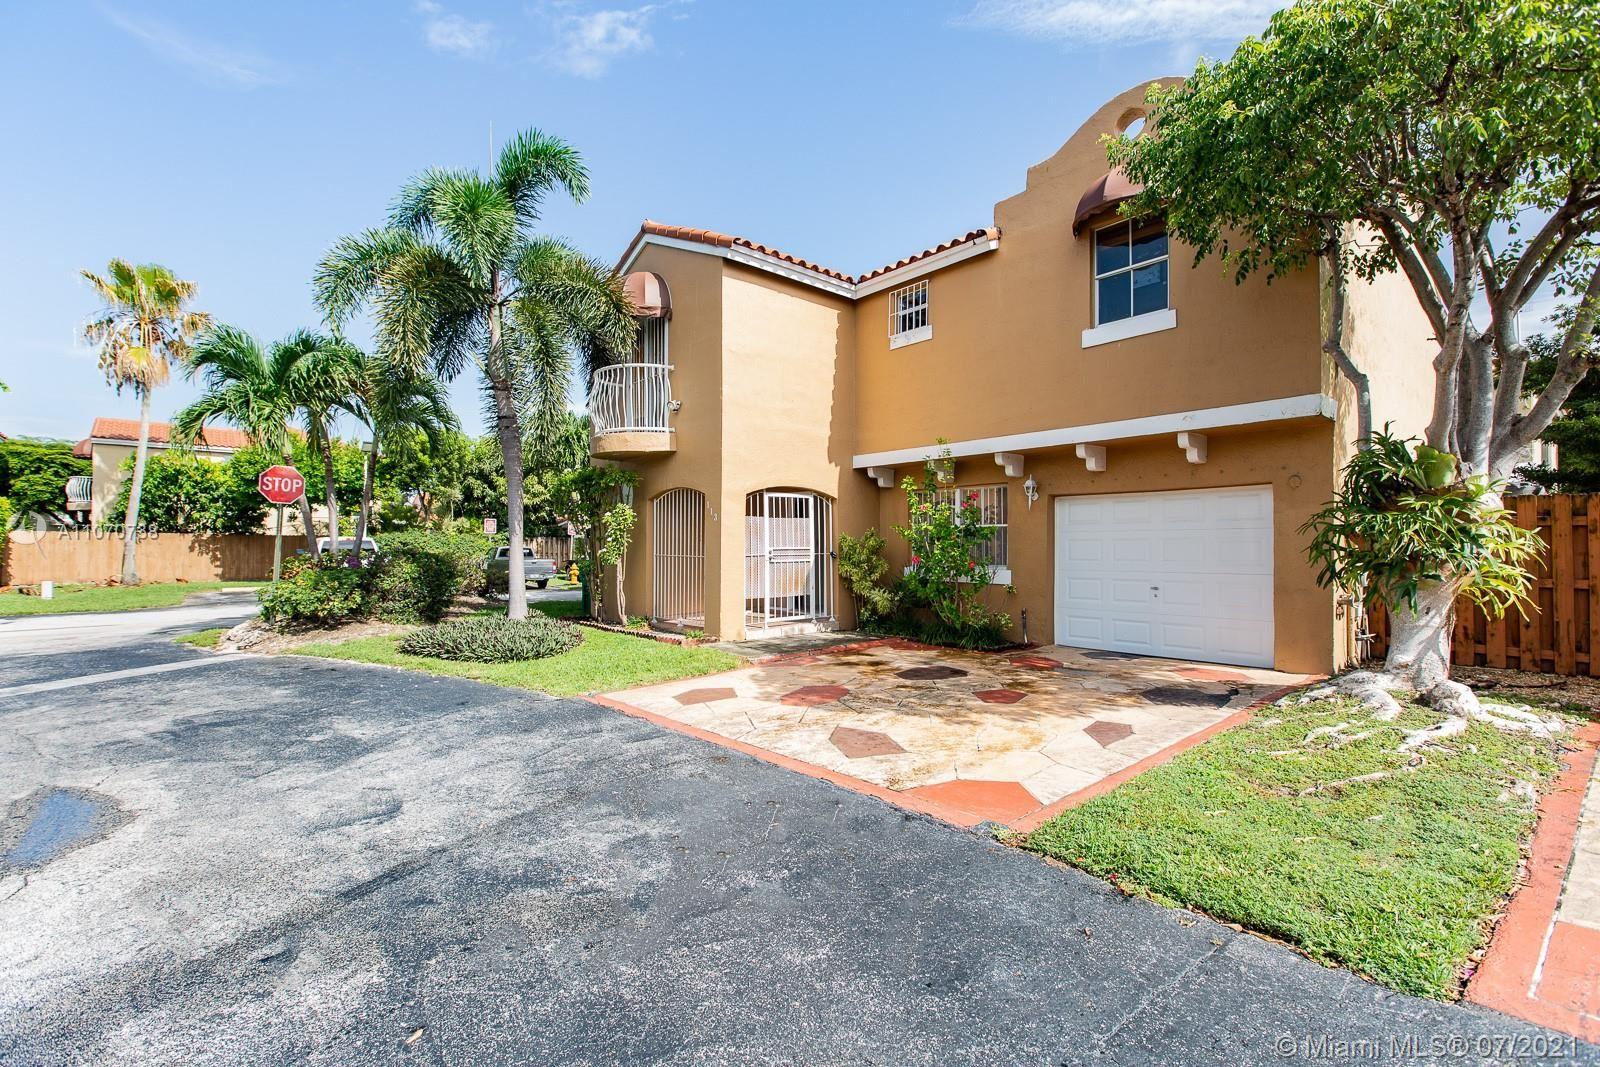 113 NW 85th Ct, Miami, FL 33126 - #: A11070738